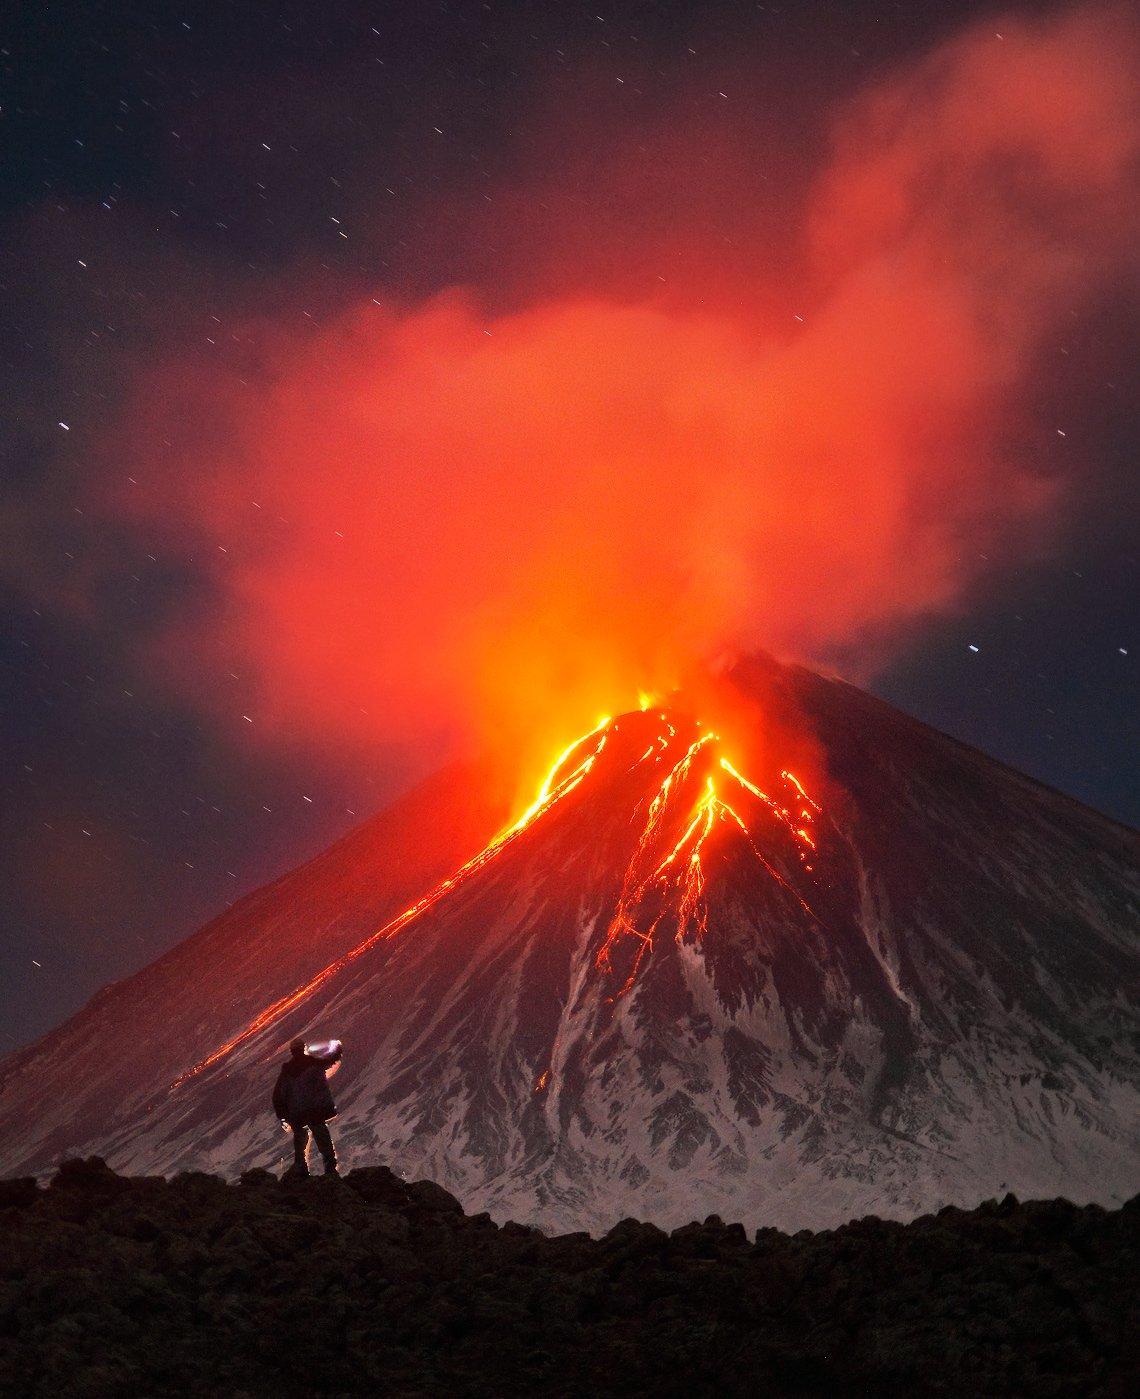 камчатка, вулкан, ключевской, извержение,, Бродяга с севера